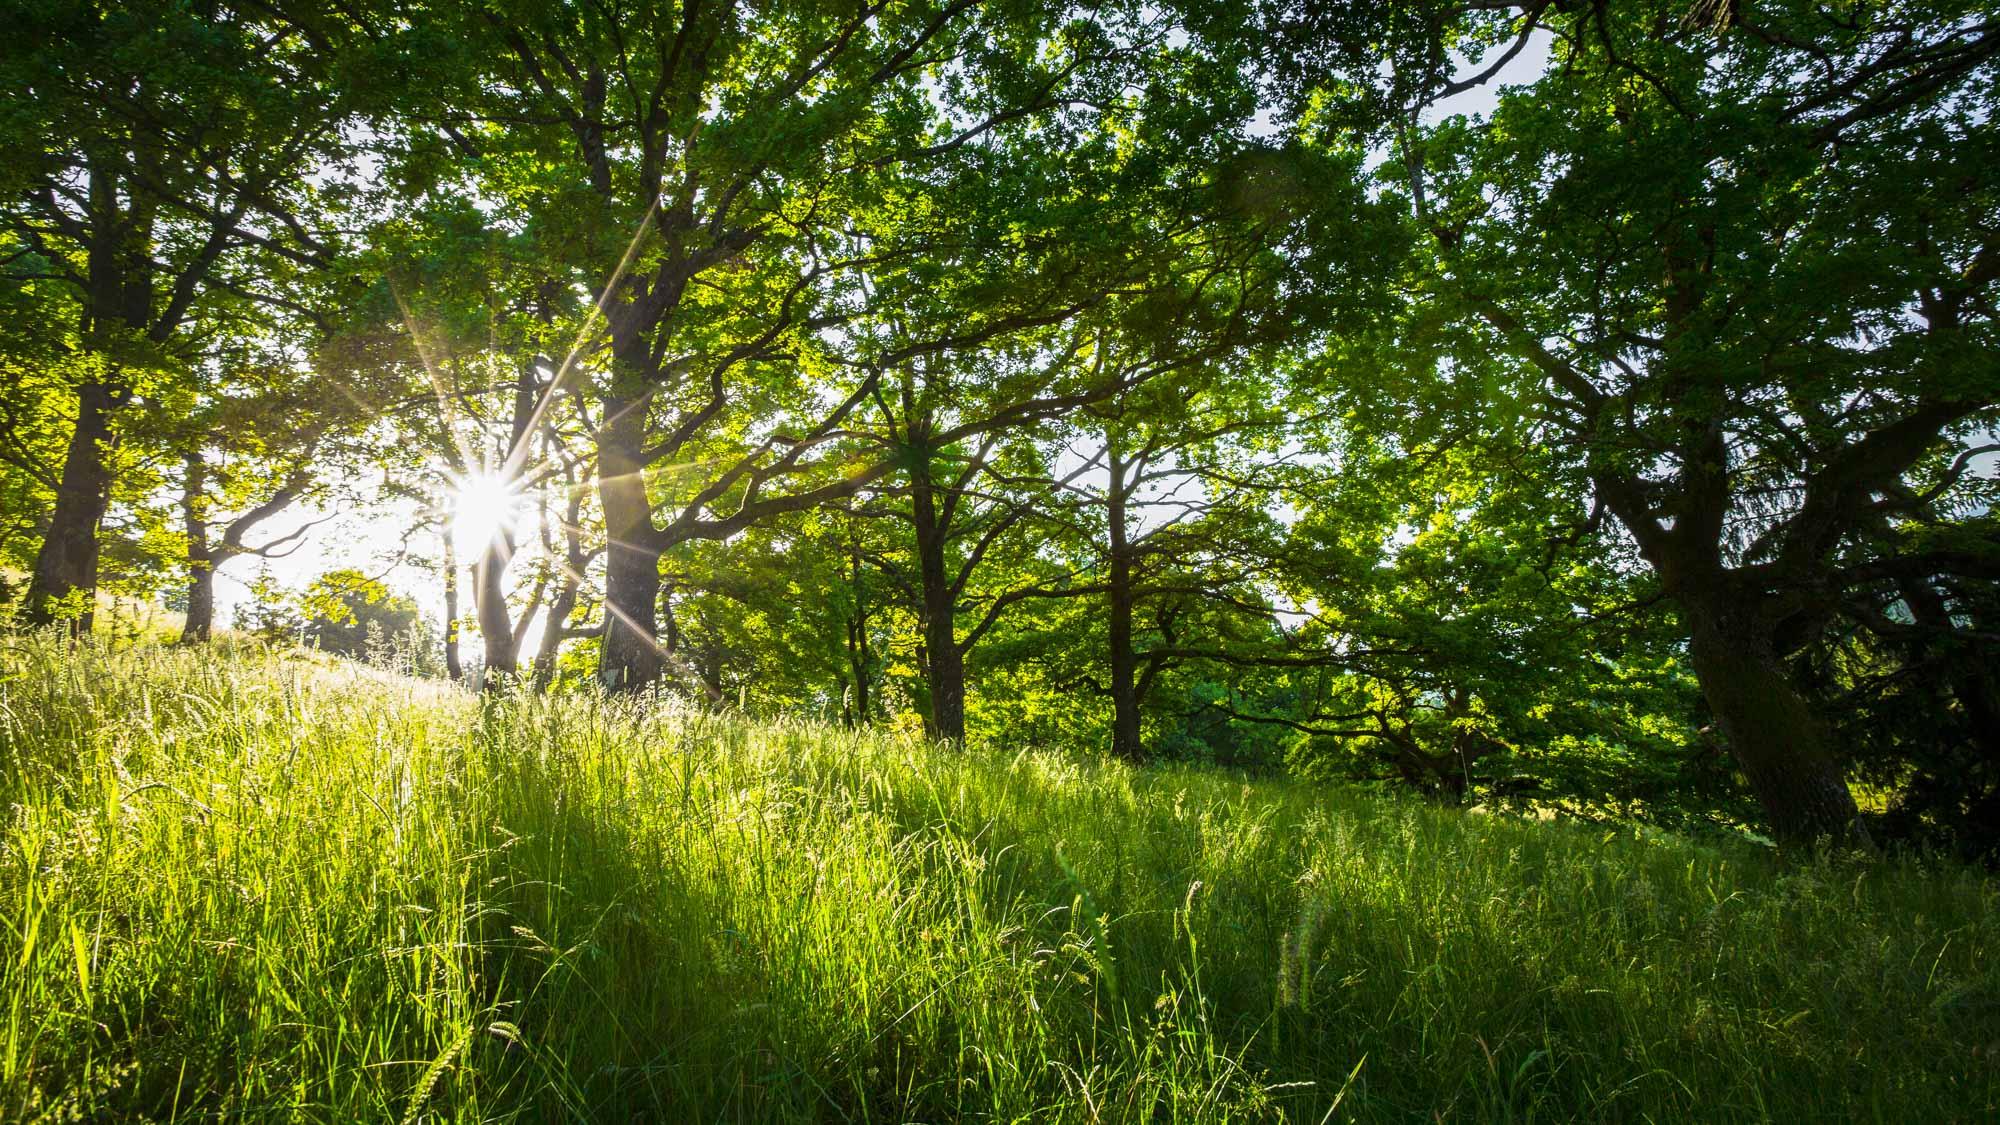 Forrest Morning I